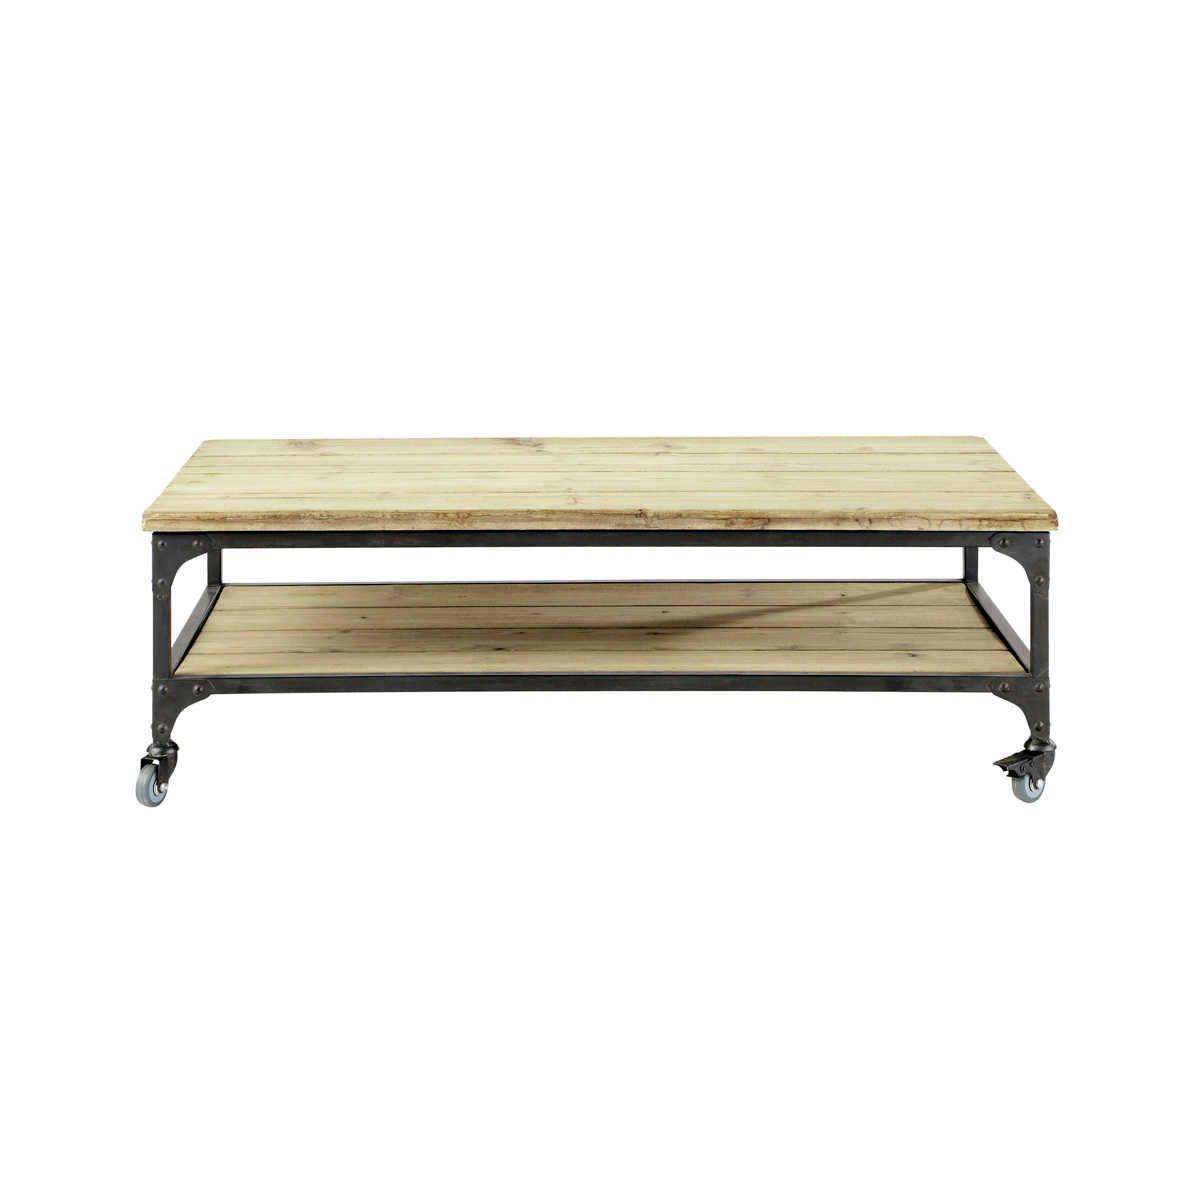 Rollcouchtisch im Industrial-Stil aus Holz und Metall, B 110 cm ...